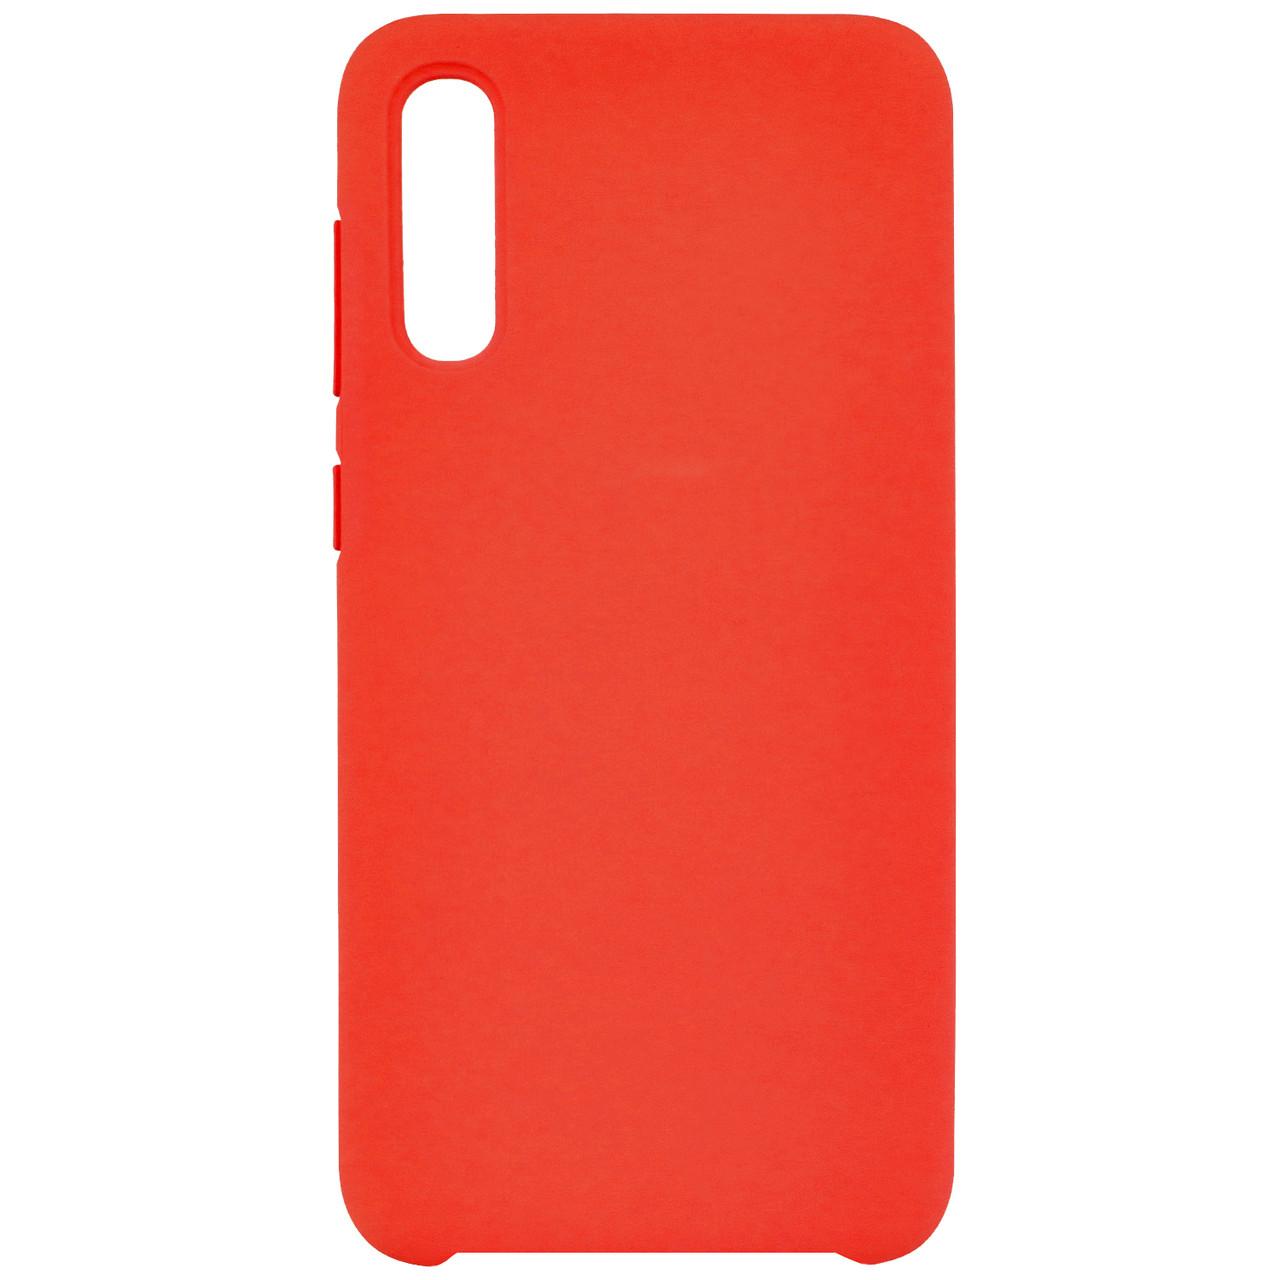 Силиконовый чехол Cool Red Samsung A30s